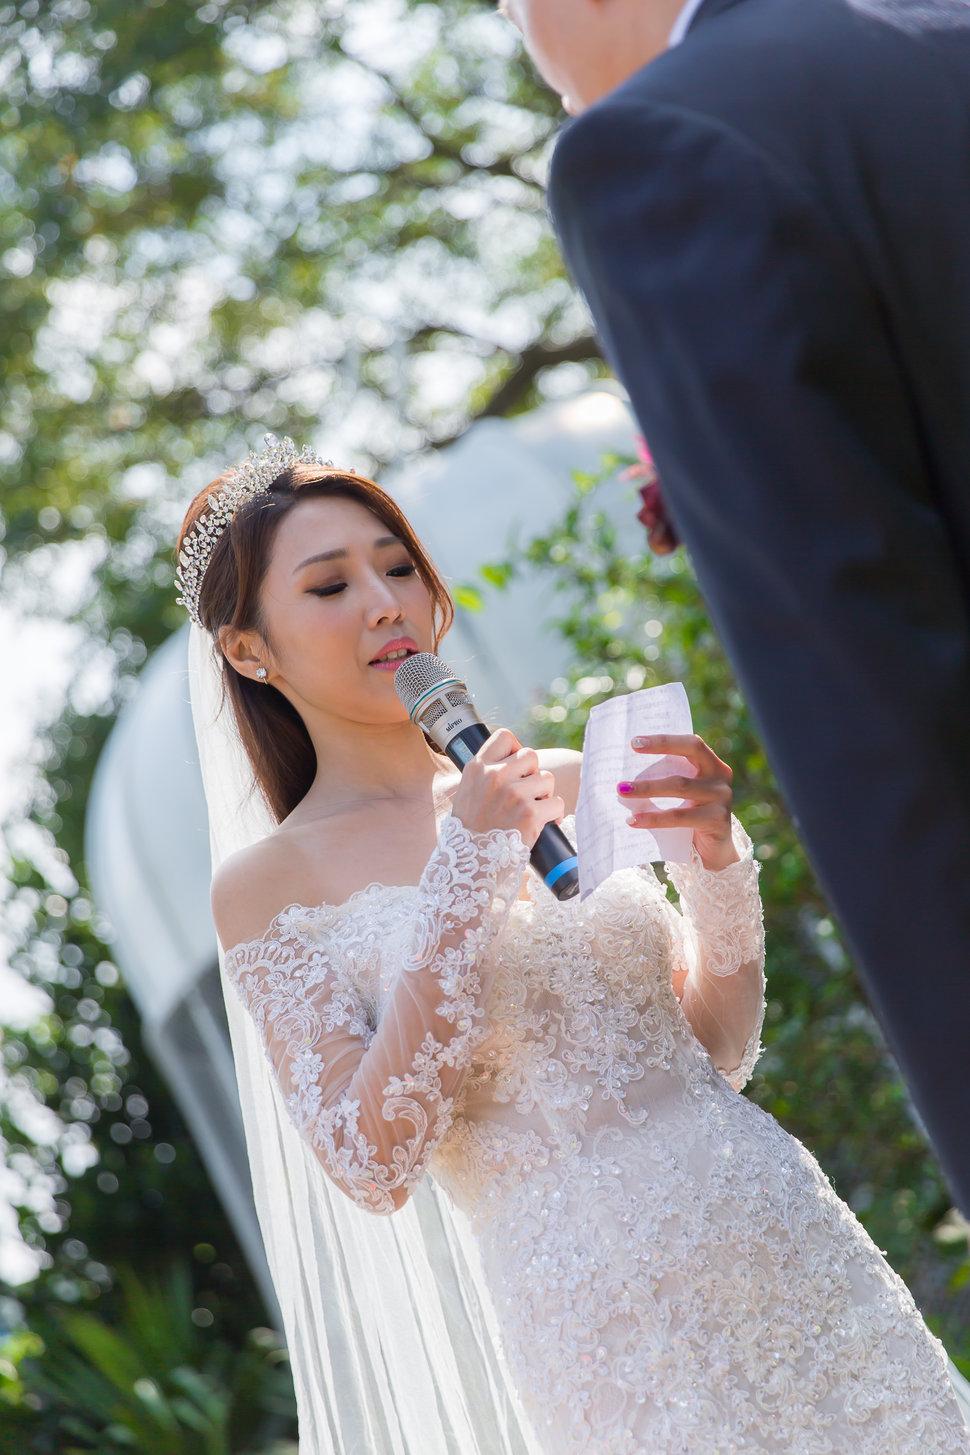 兆康&鈴芳_婚儀_新莊香草花緣餐廳(編號:287473) - Baby Sweety Studio - 結婚吧